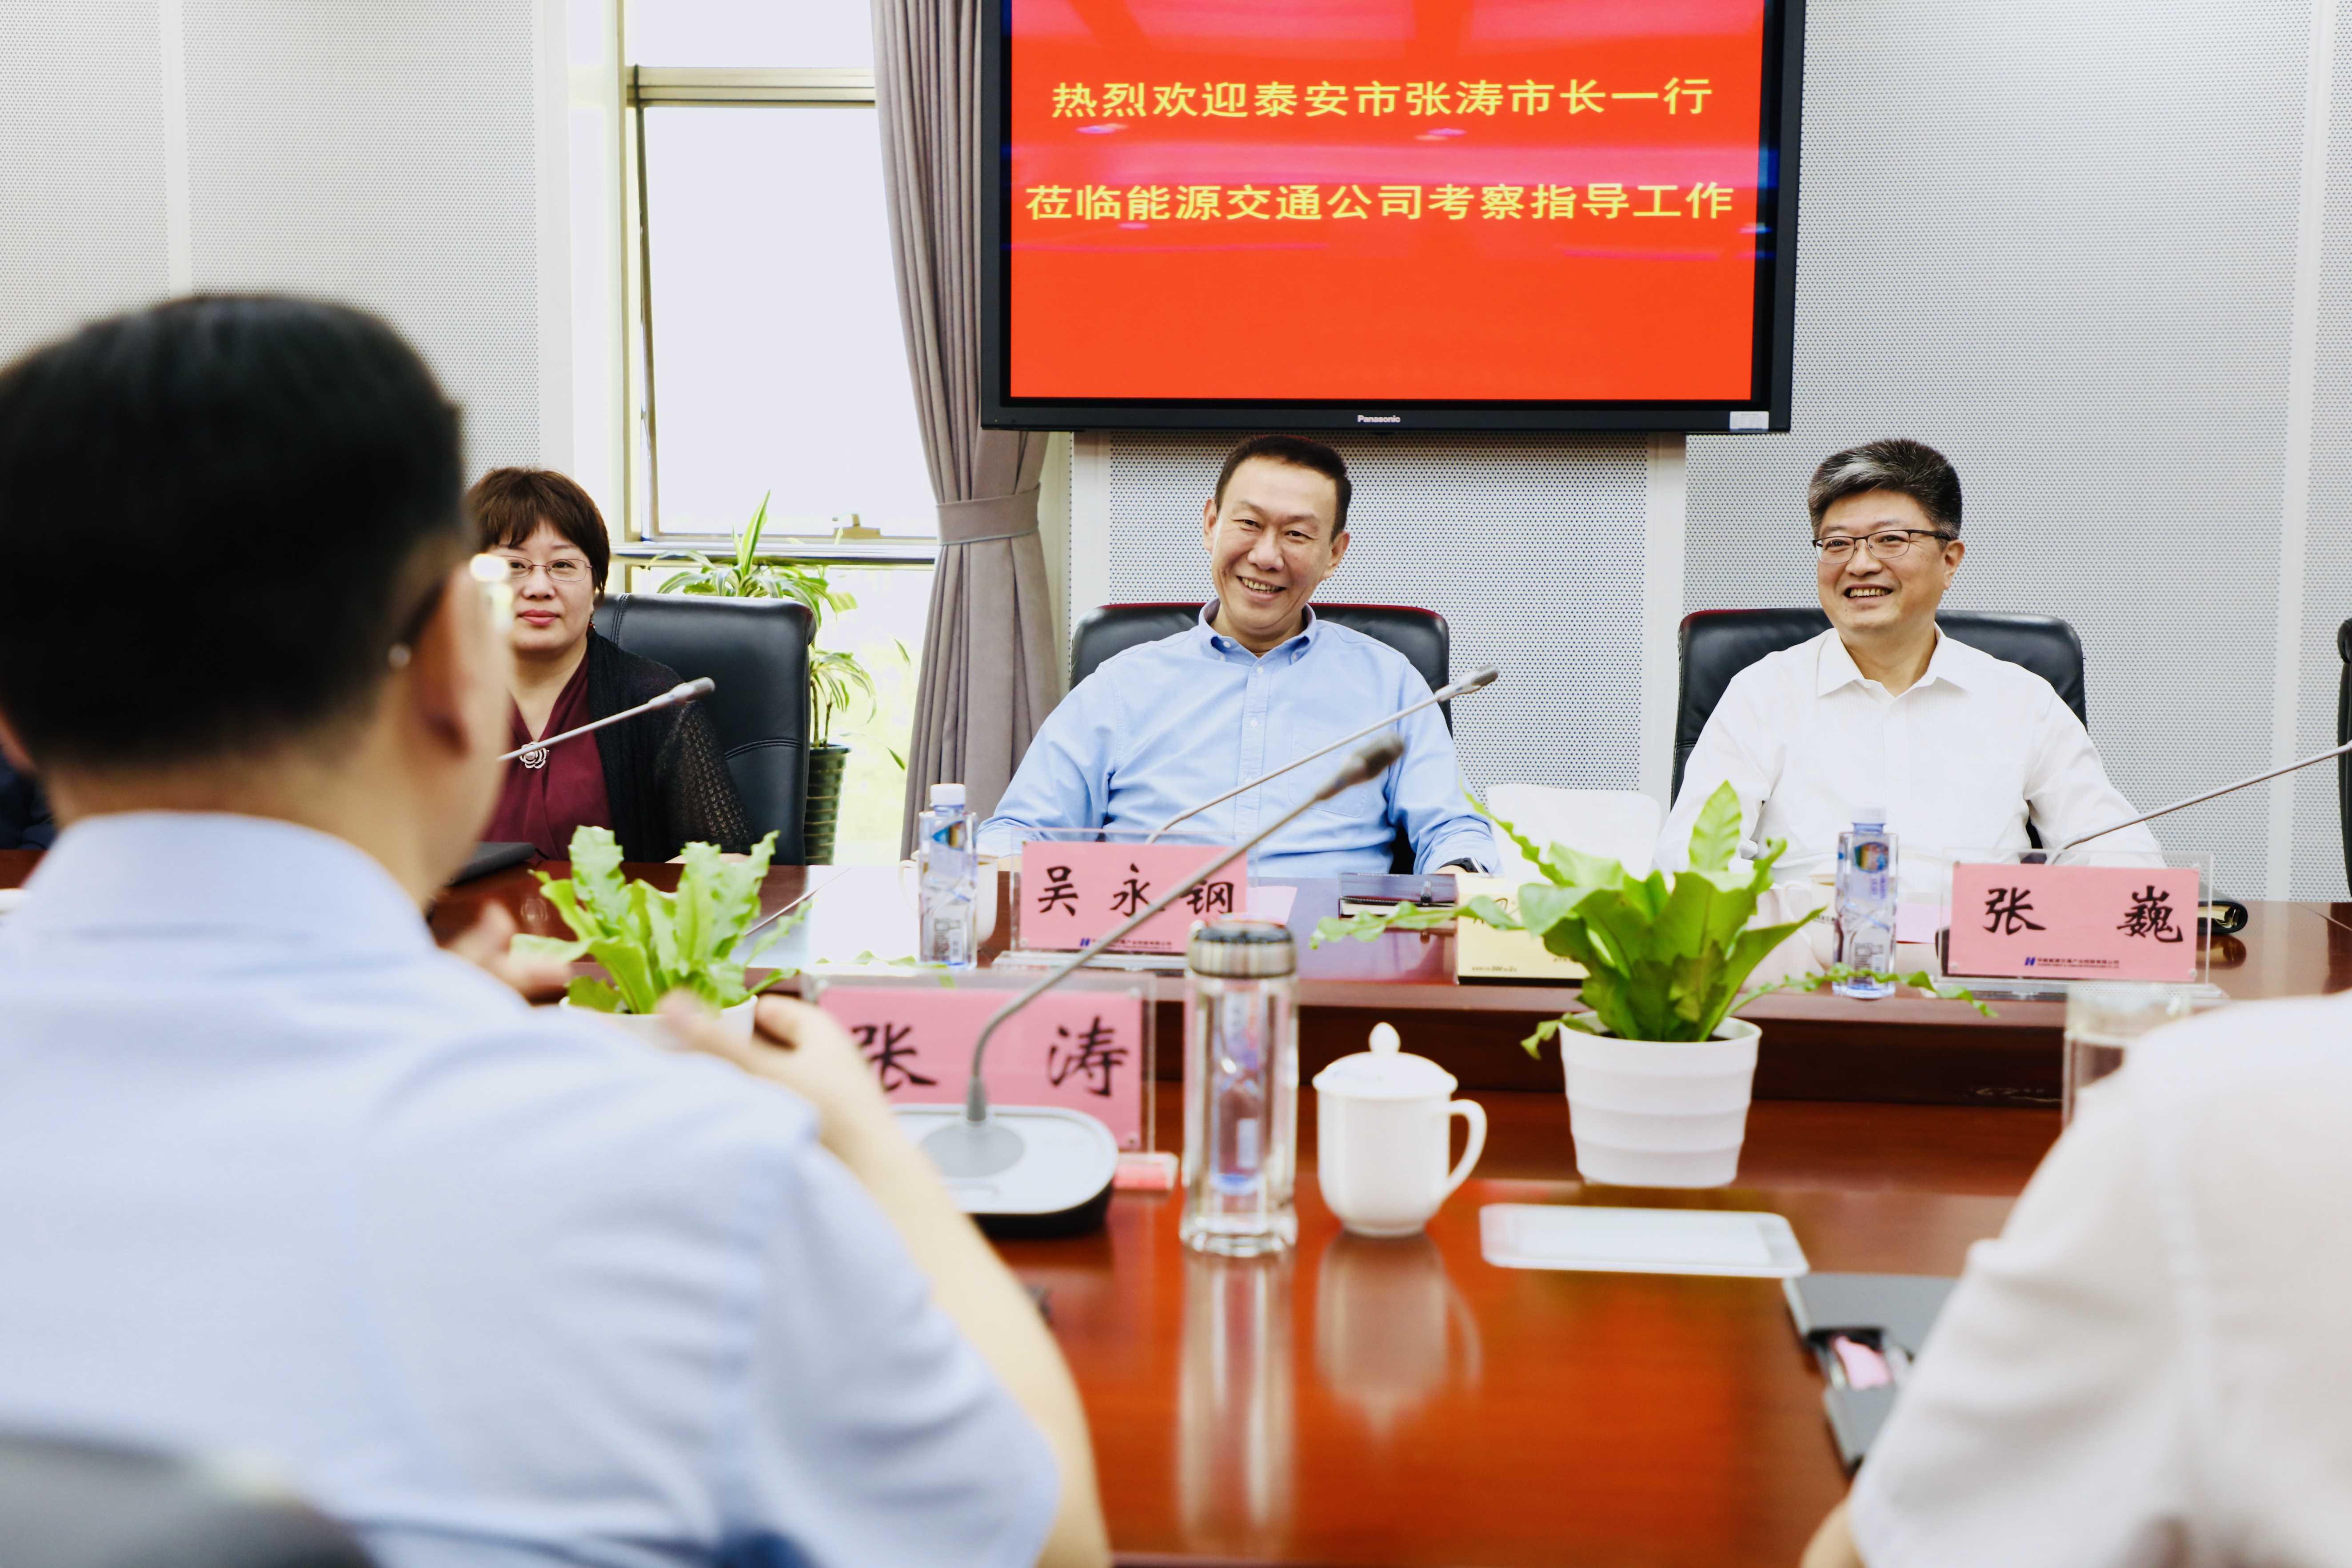 泰安市張濤市長一行蒞臨華能能源交通產業控股有限公司考察指導工作